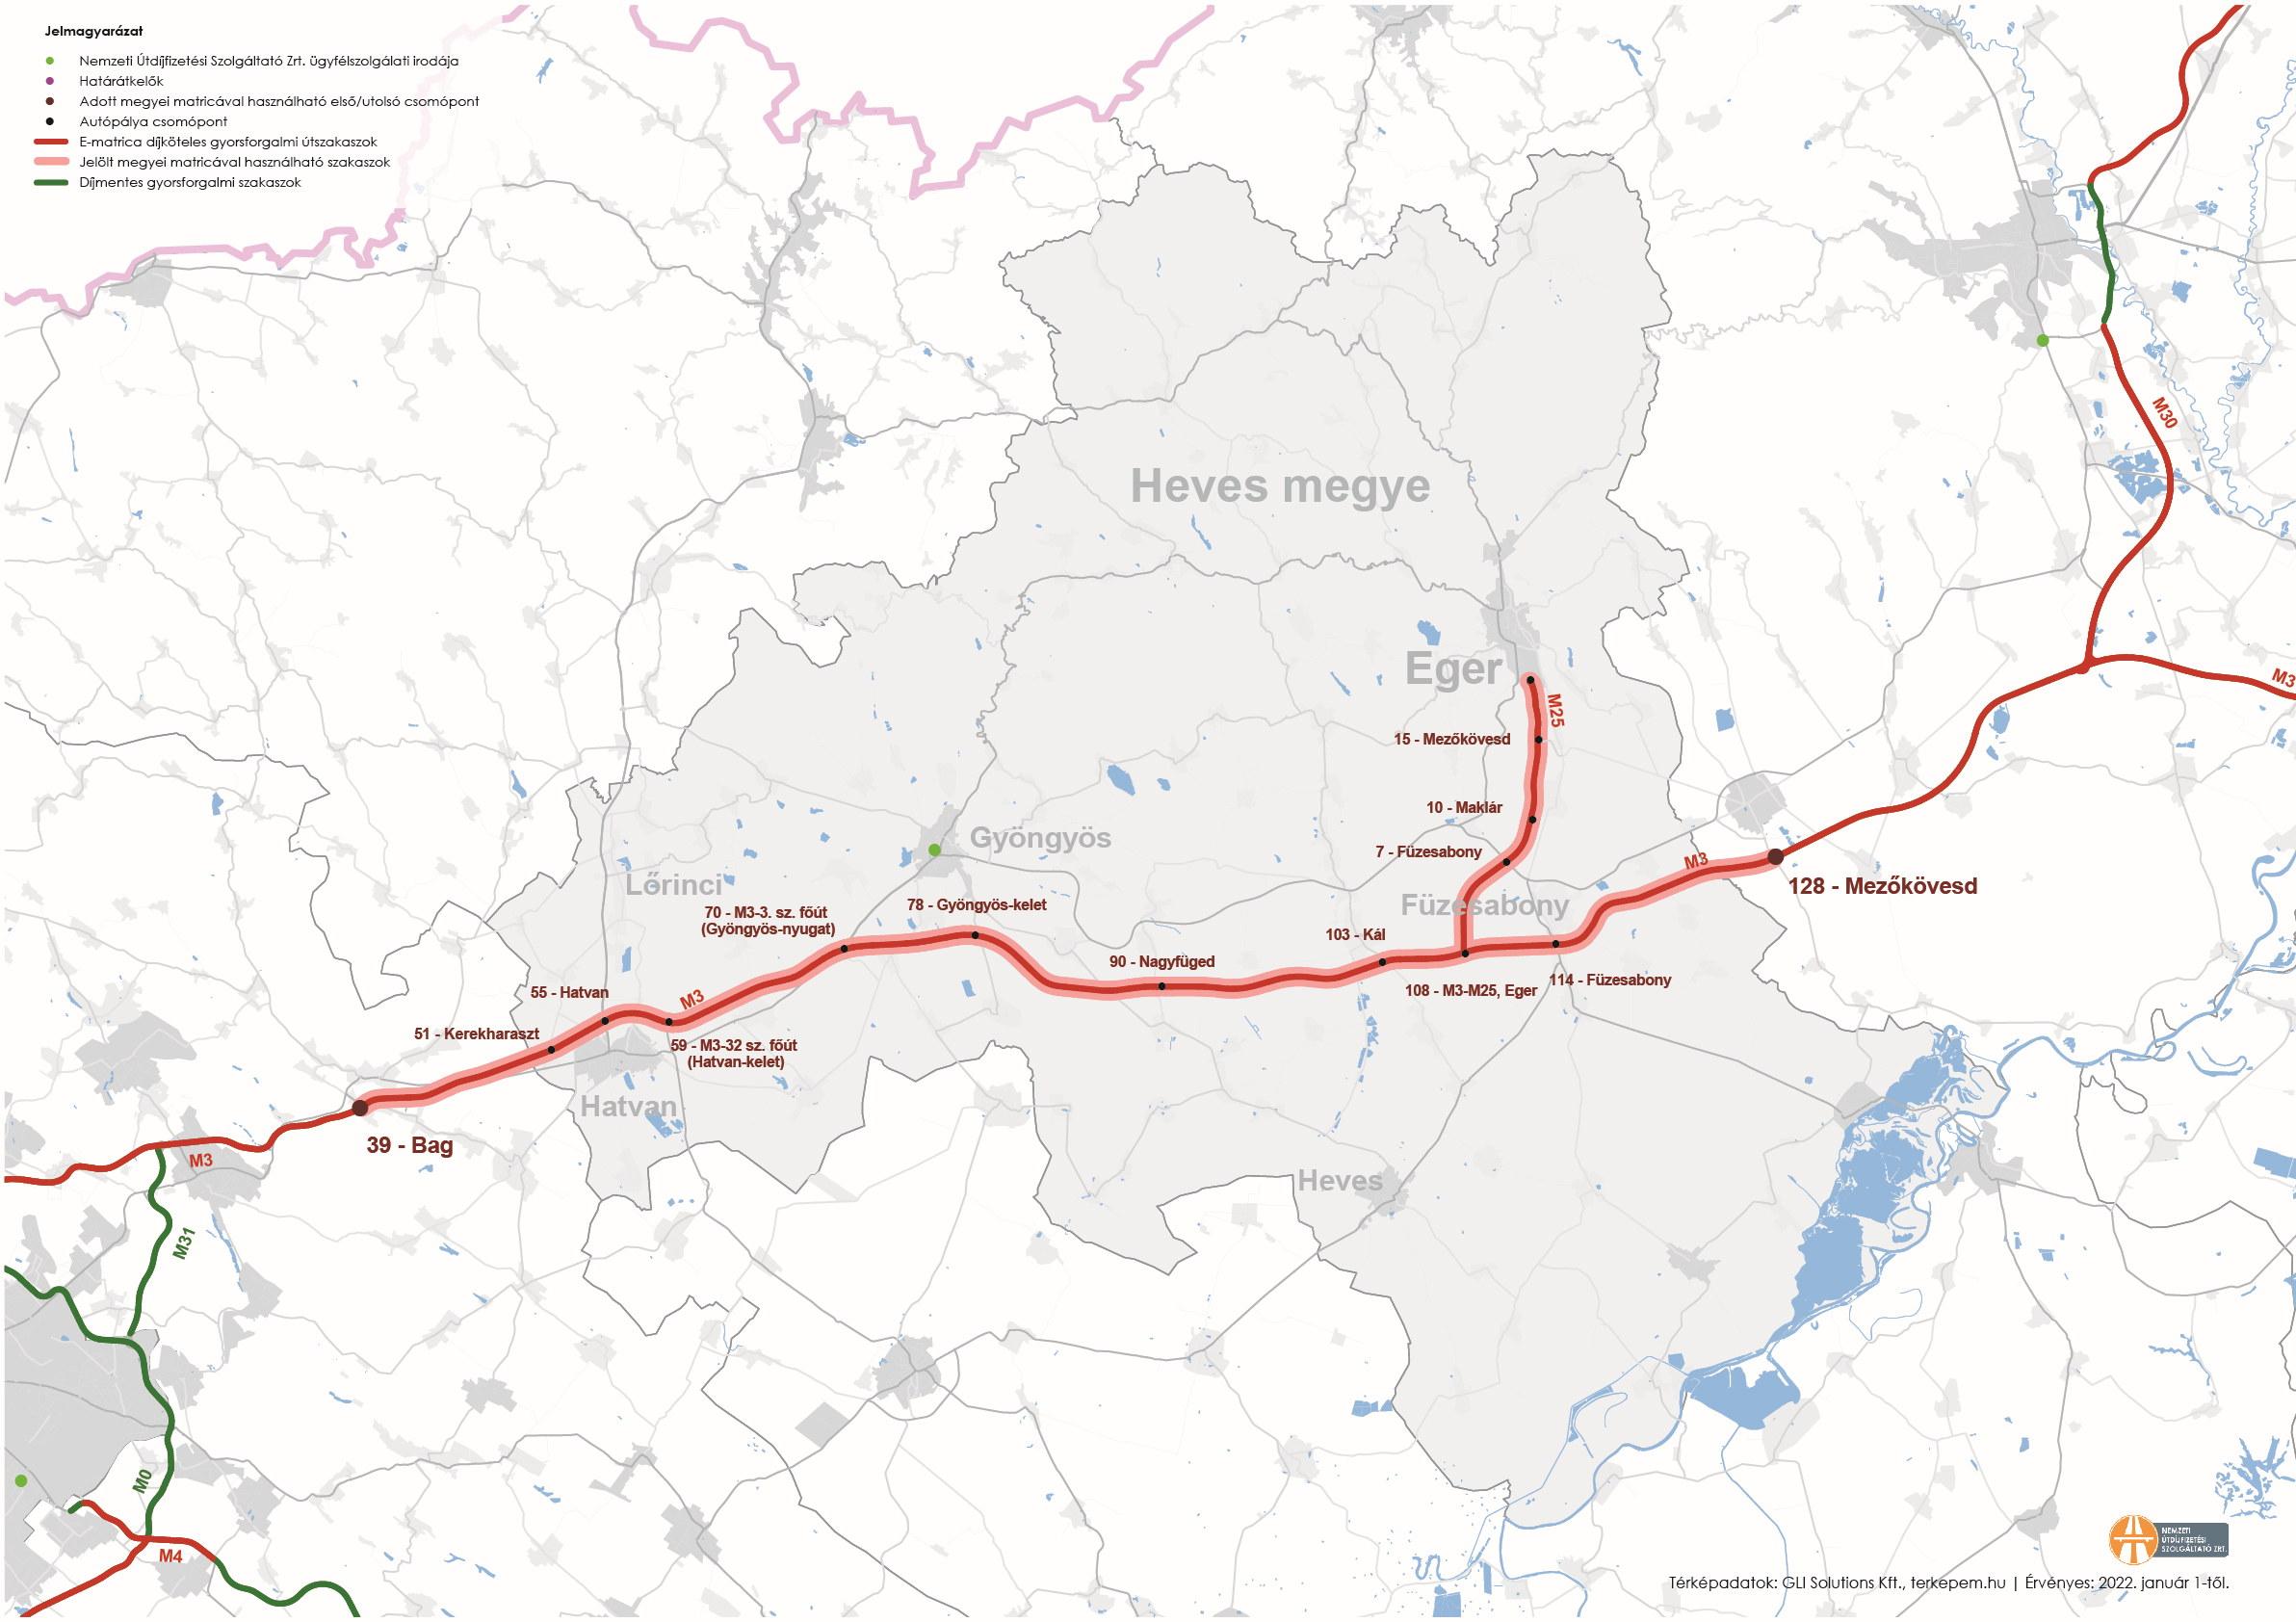 Heves megye úthálózatának térképe